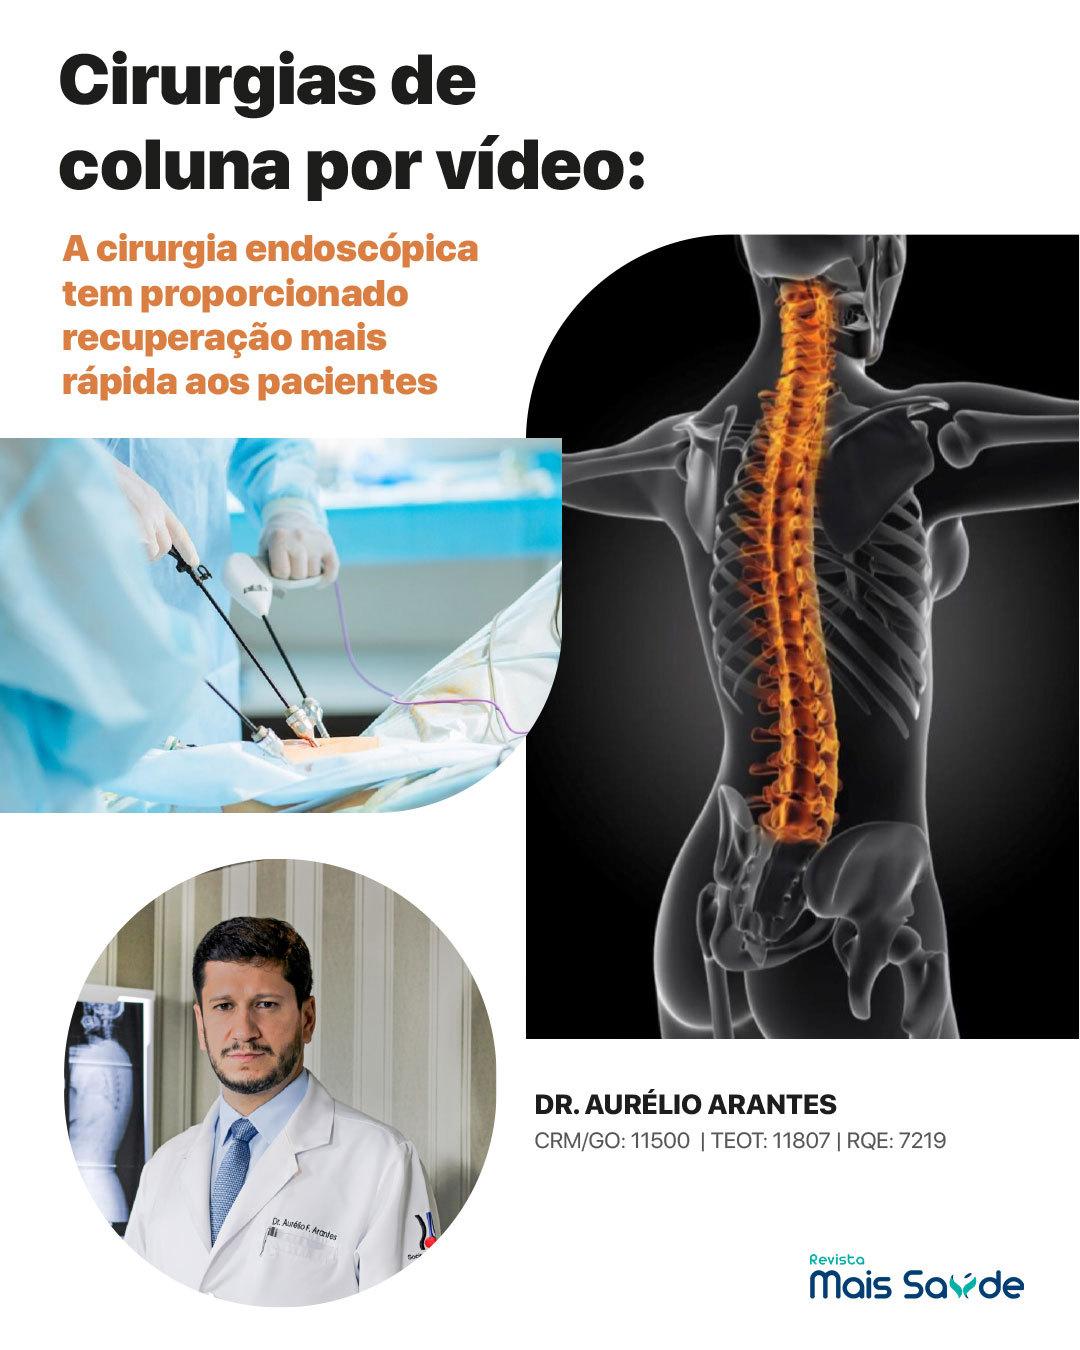 cirurgia-coluna-video